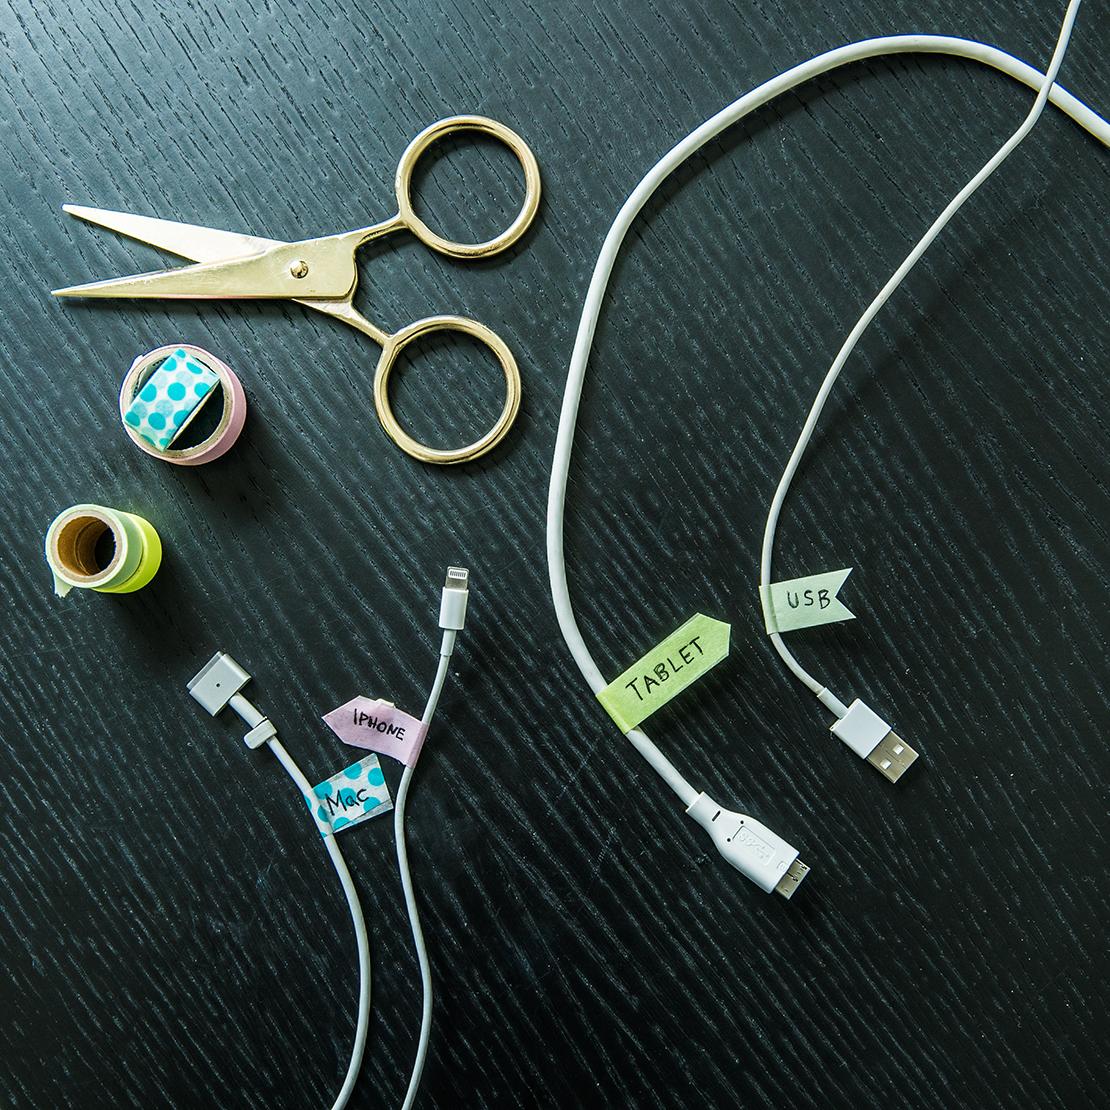 jak oznaczyć kable: taśma washi